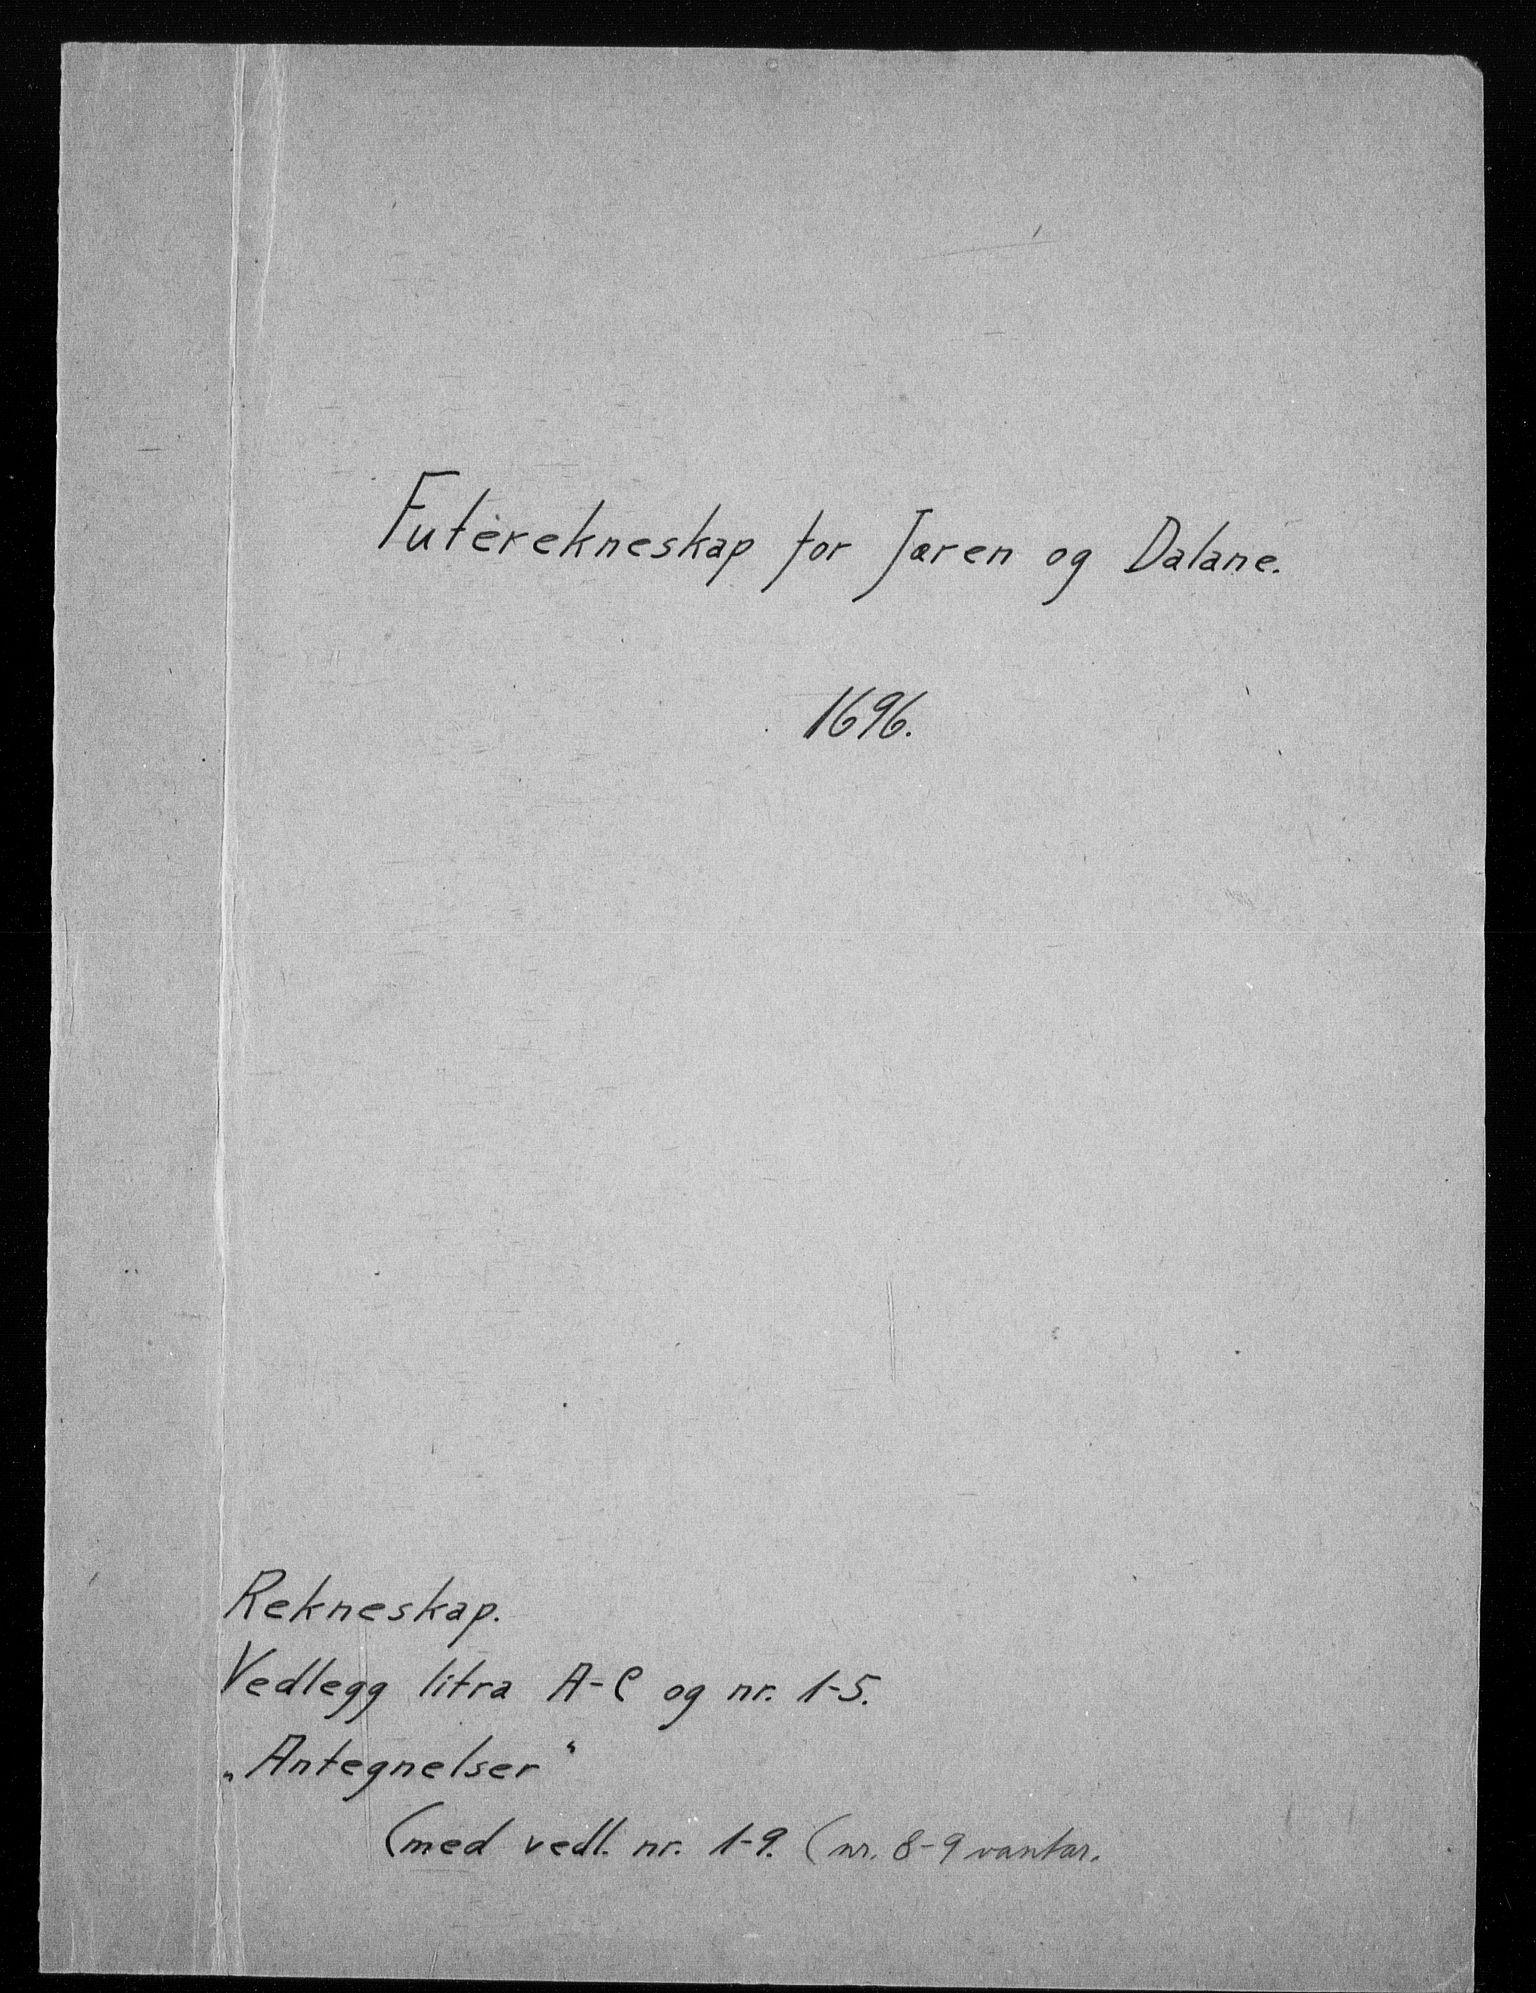 RA, Rentekammeret inntil 1814, Reviderte regnskaper, Fogderegnskap, R46/L2728: Fogderegnskap Jæren og Dalane, 1694-1696, s. 388